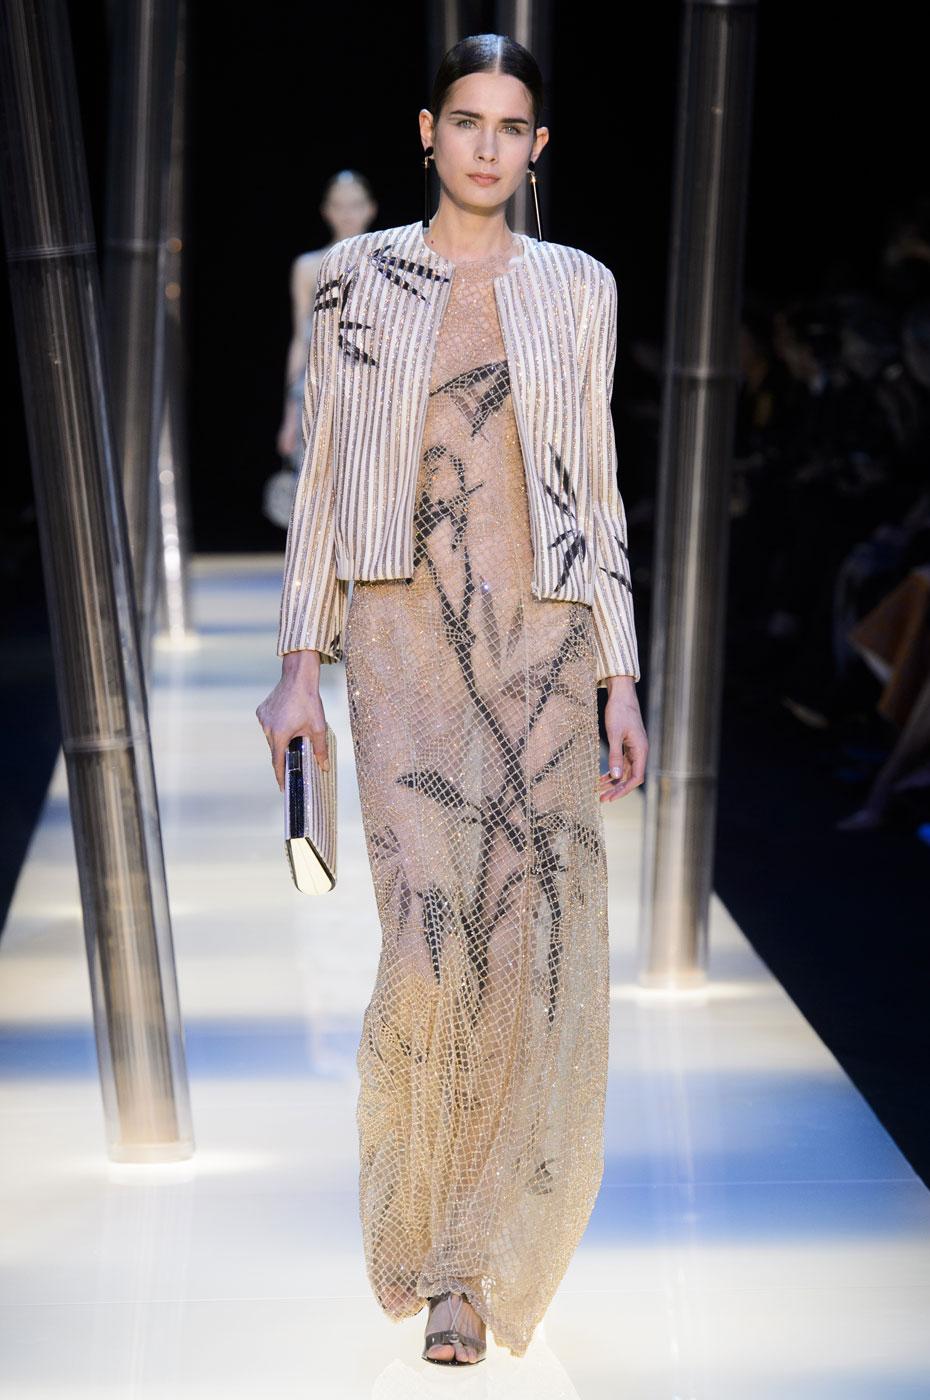 Giorgio-armani-Prive-fashion-runway-show-haute-couture-paris-spring-2015-the-impression-093